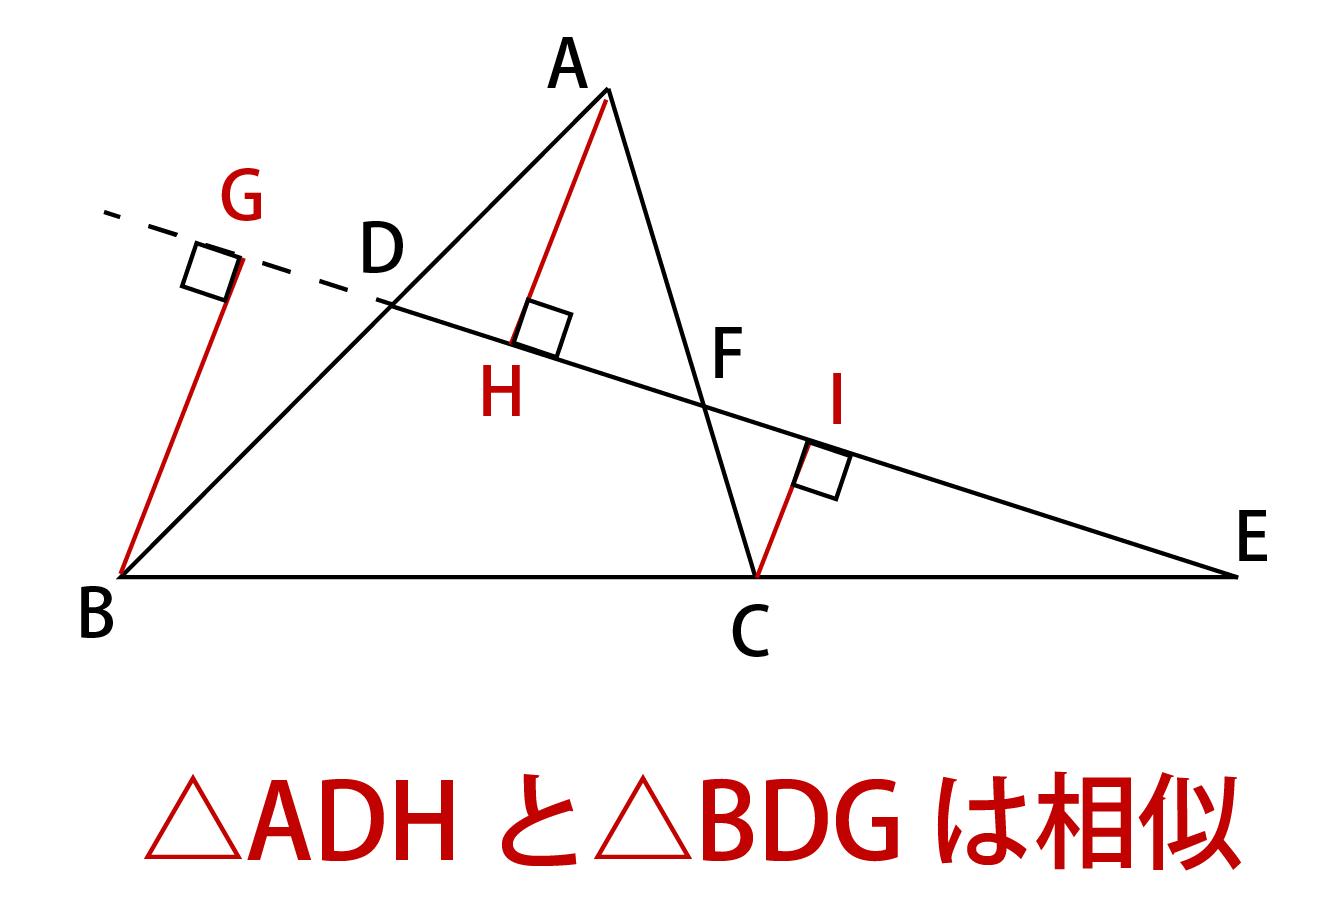 △ADHと△BDGは相似